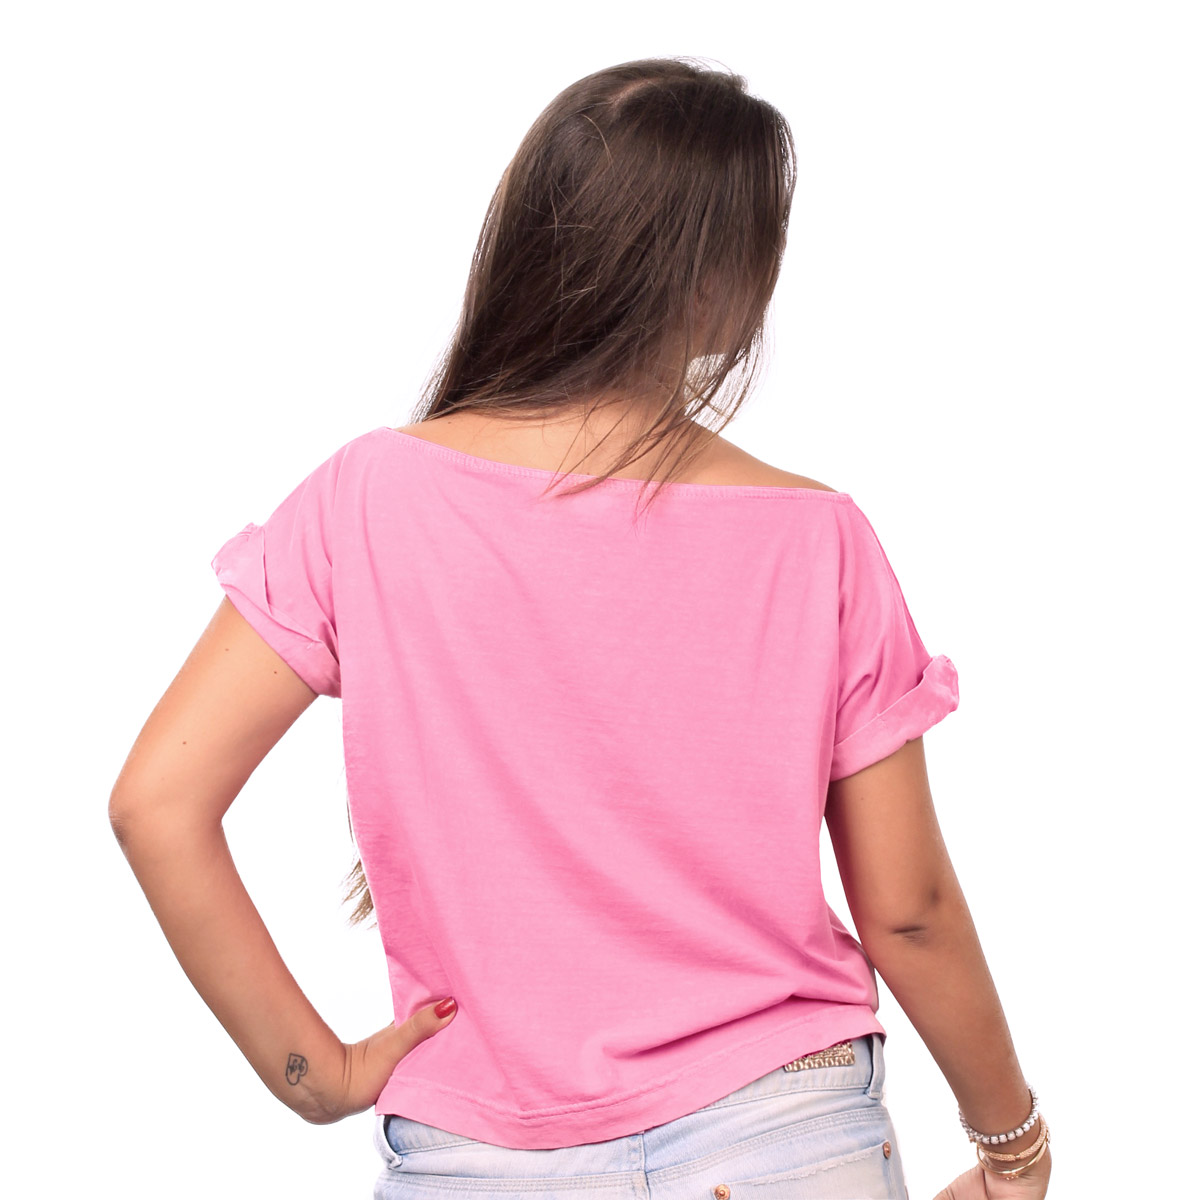 T-shirt Premium Feminina Luan Santana Eu Amo Só Você